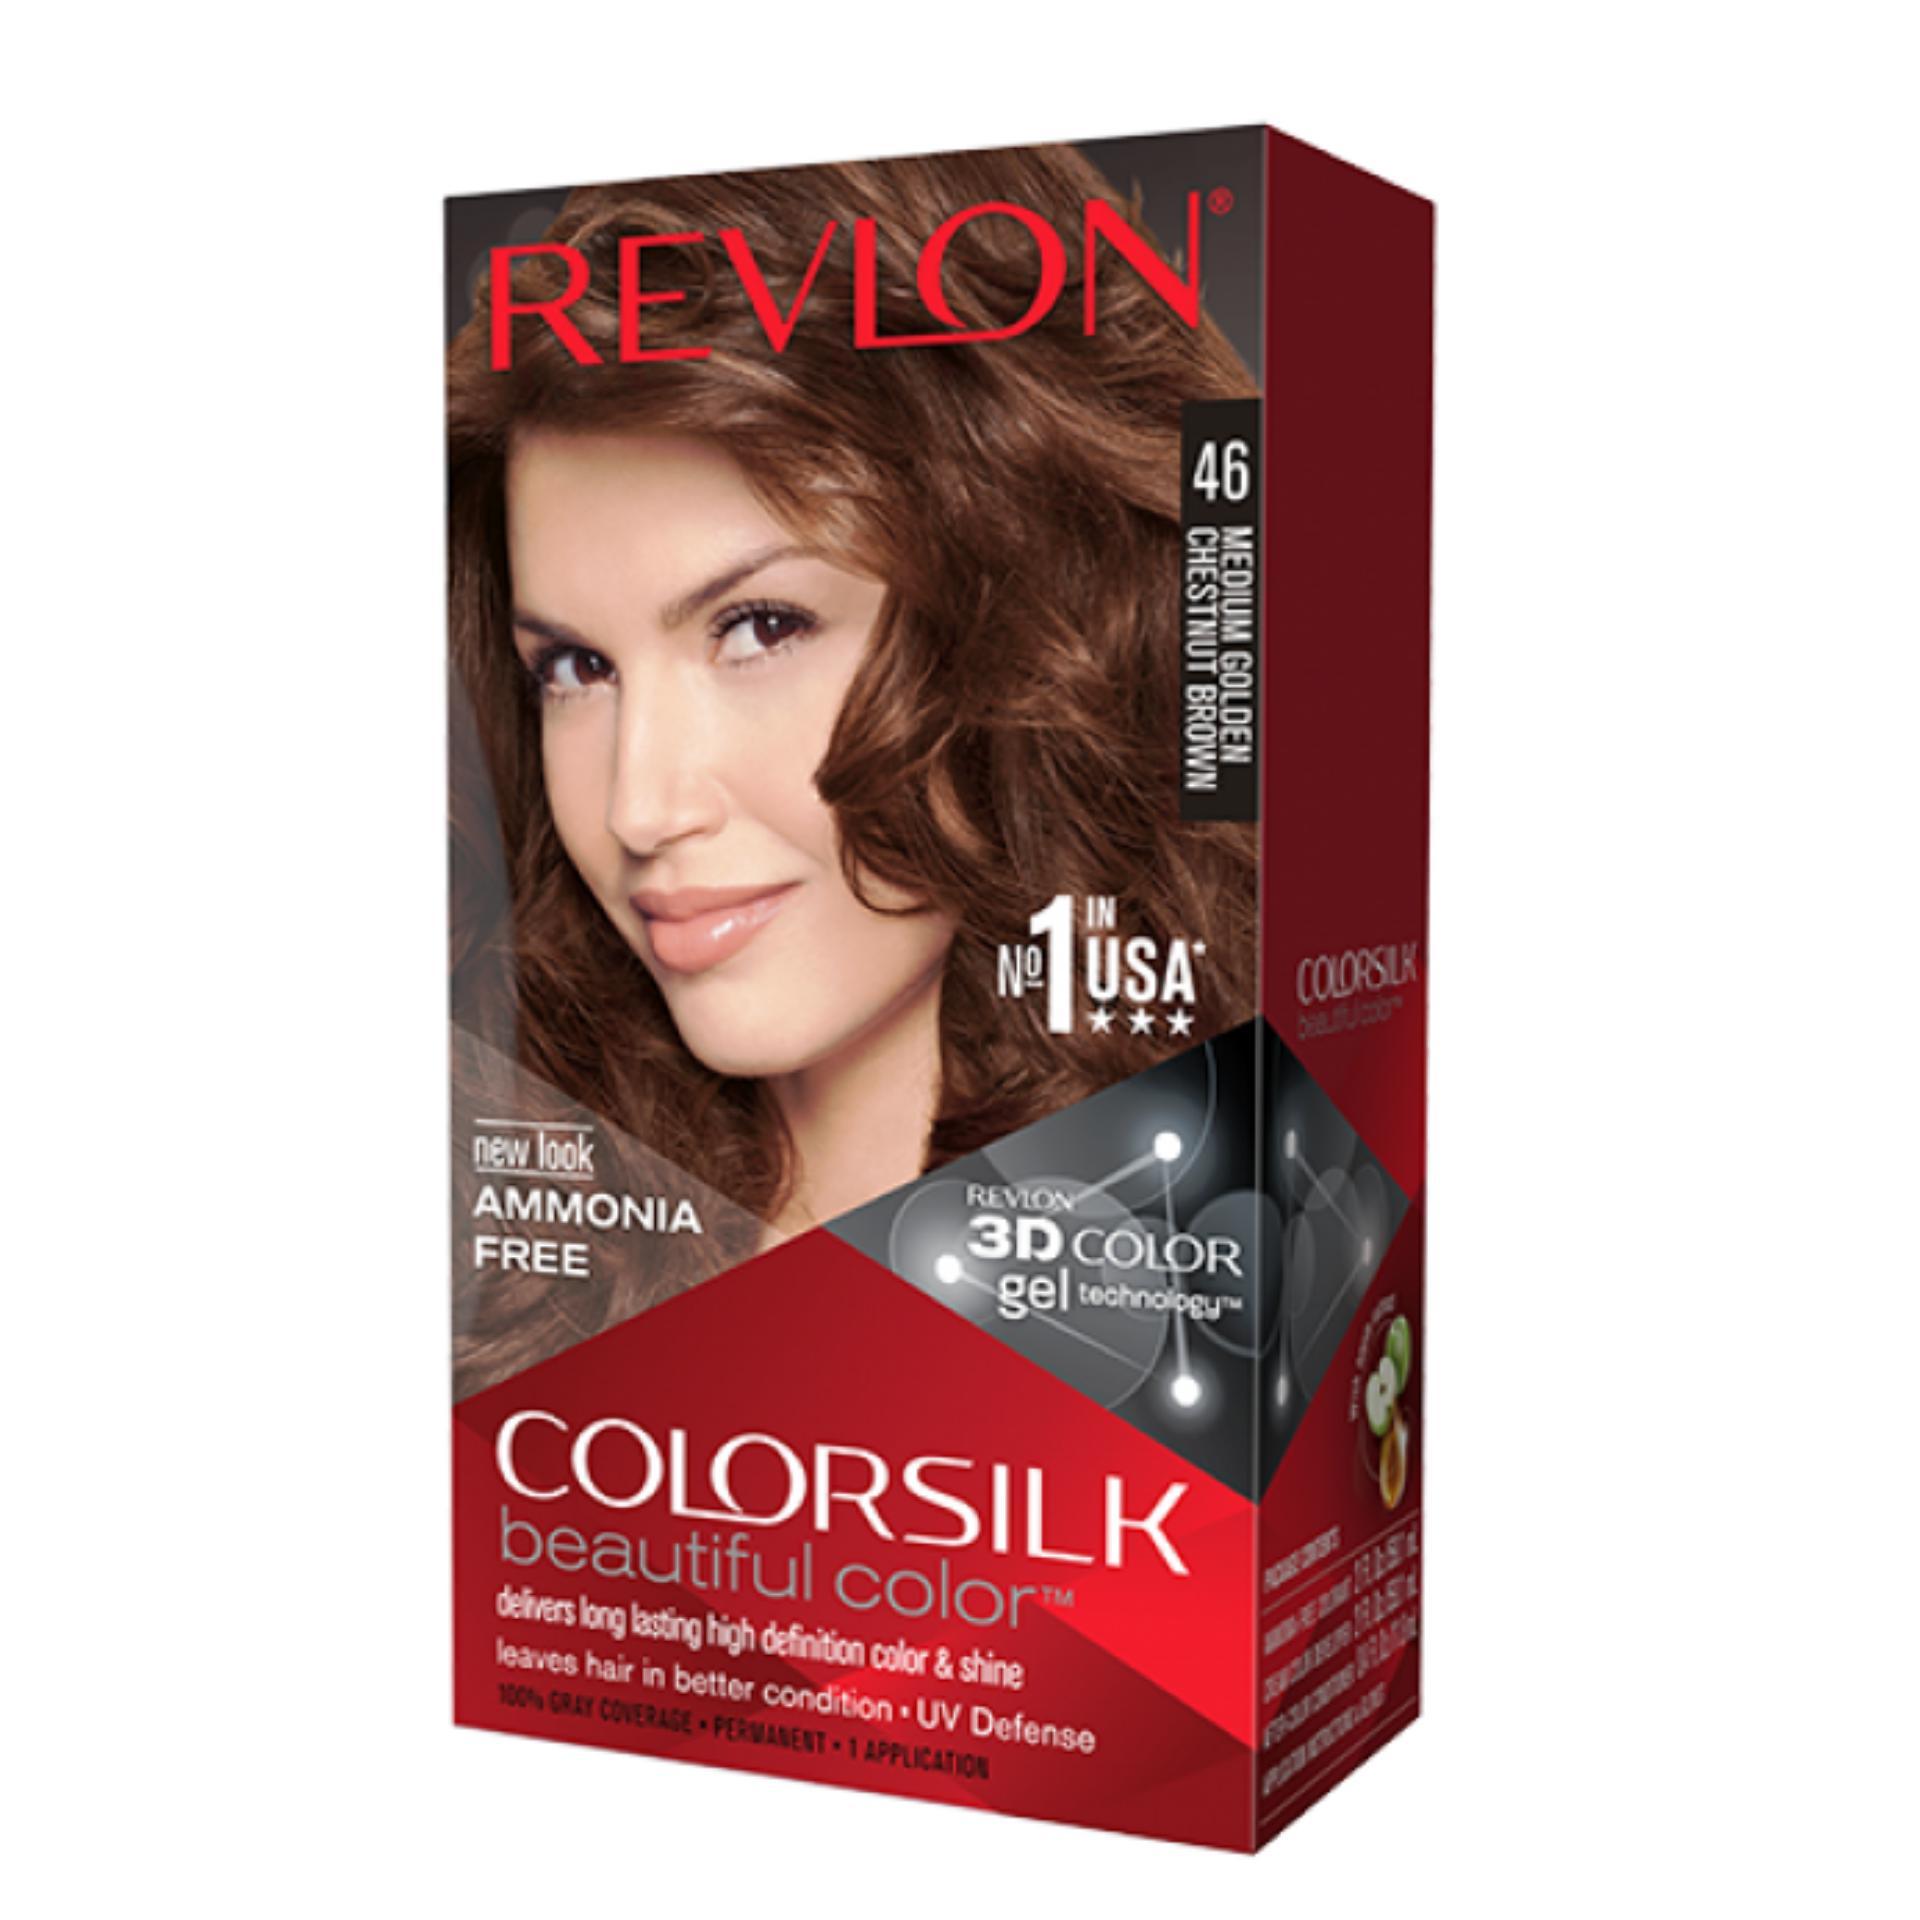 Thuốc nhuộm tóc Revlon No 1 in the USA ColorSilk 3D # 46 Nâu Hạt Dẻ + 01 nón trùm tóc